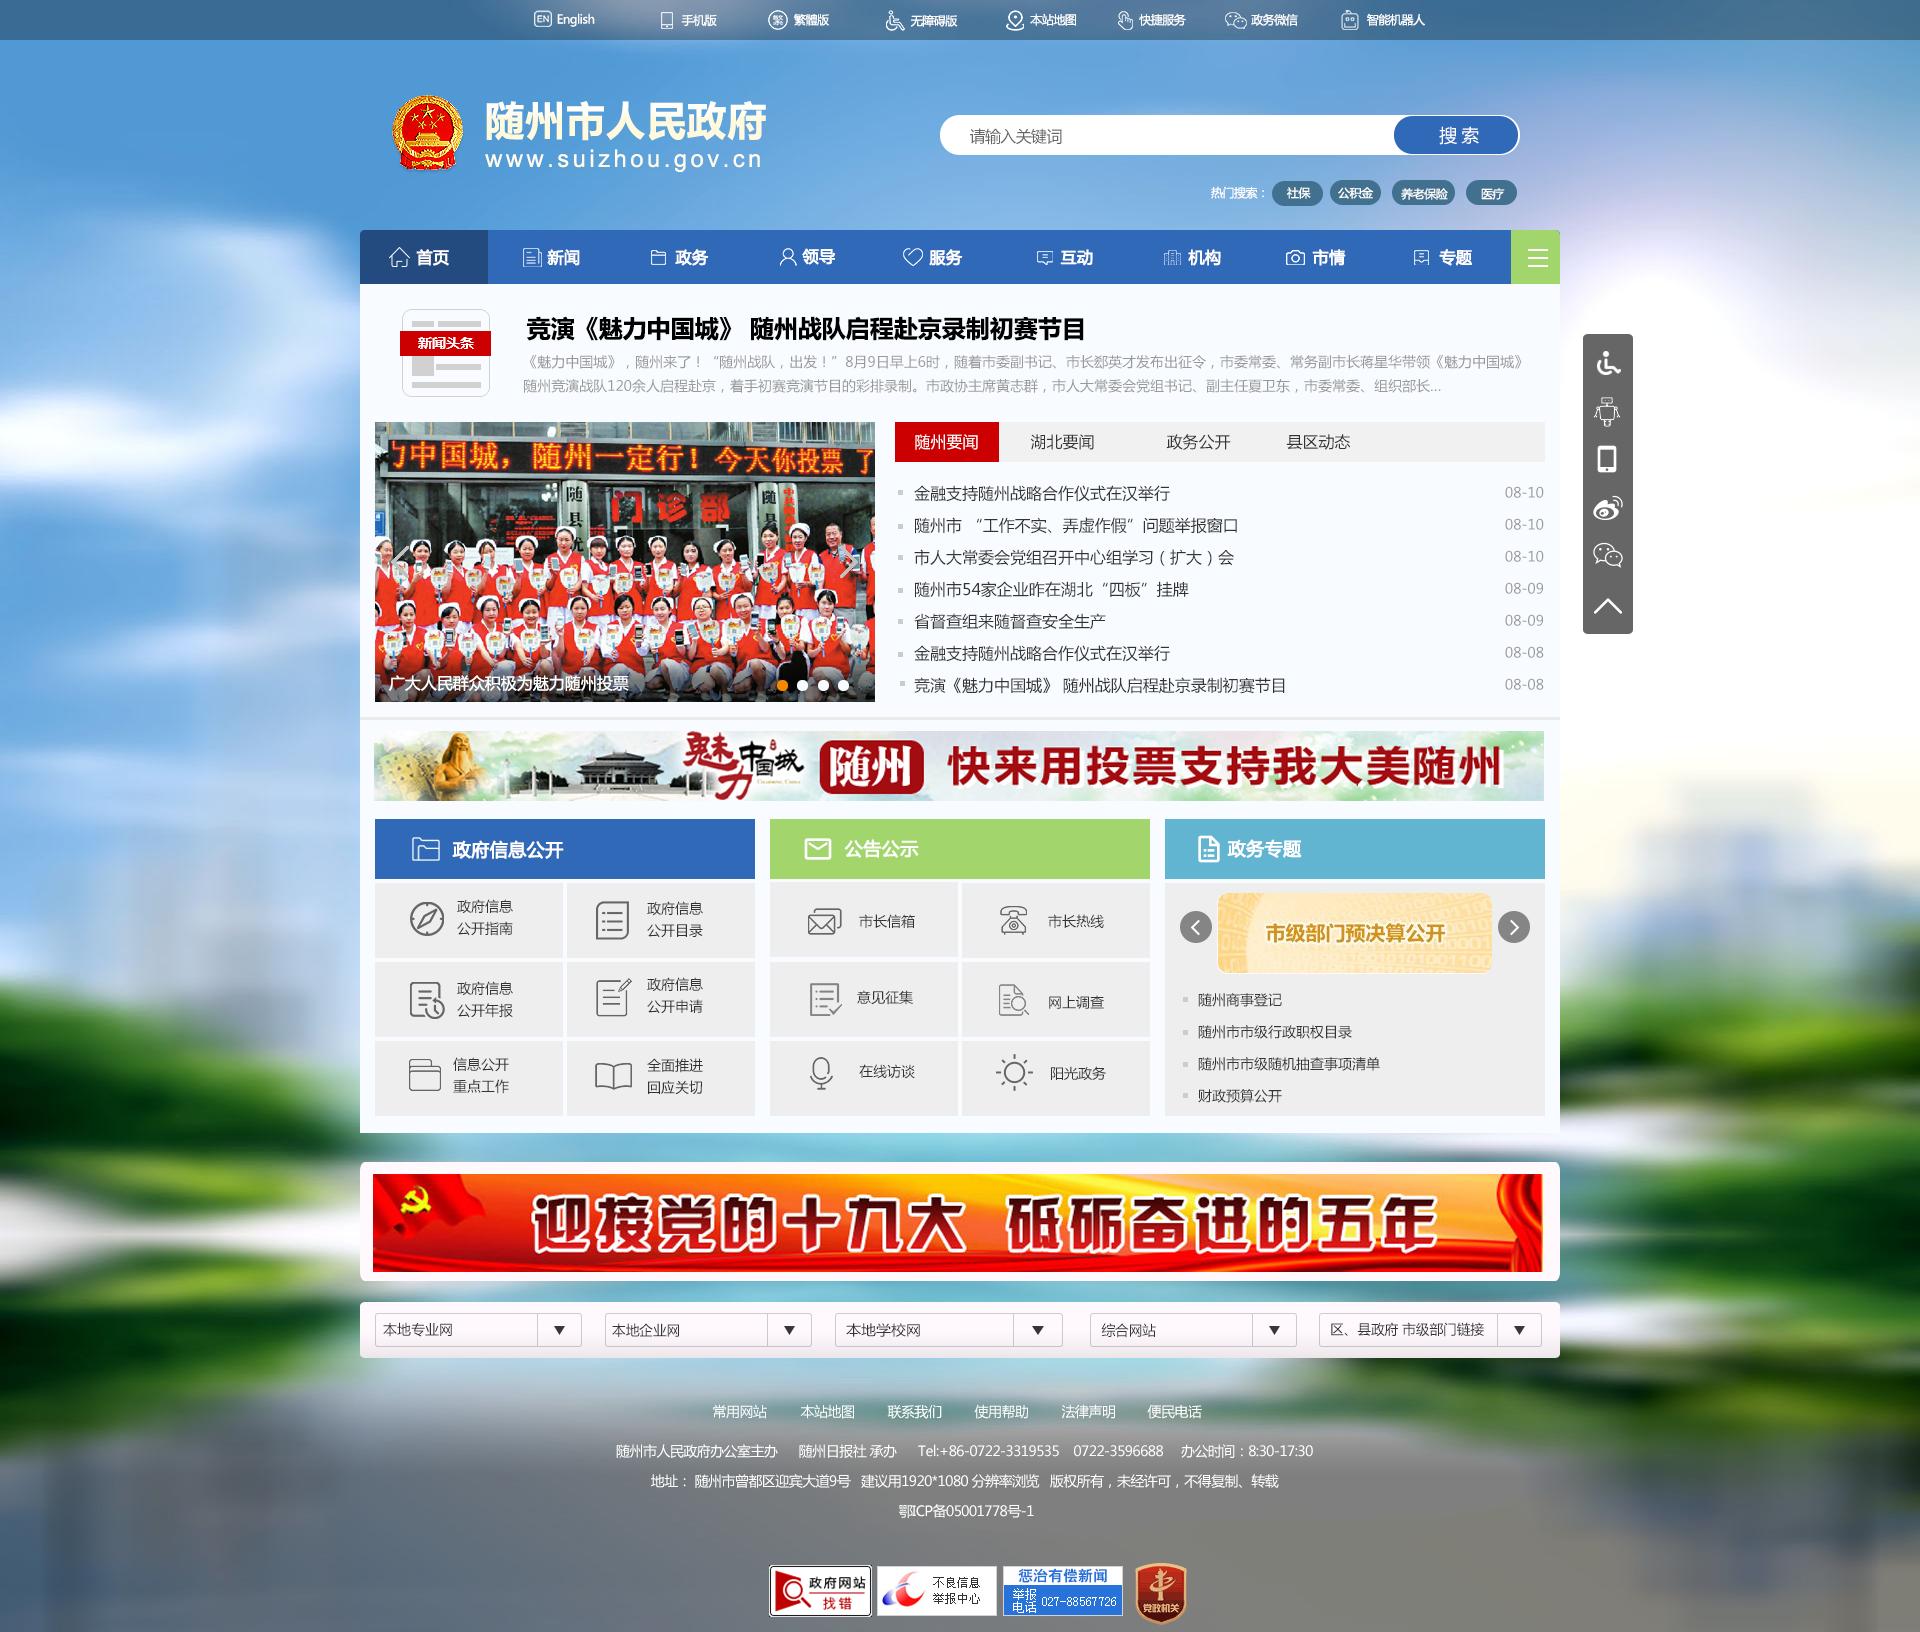 随州政府网站改版2017新版界面